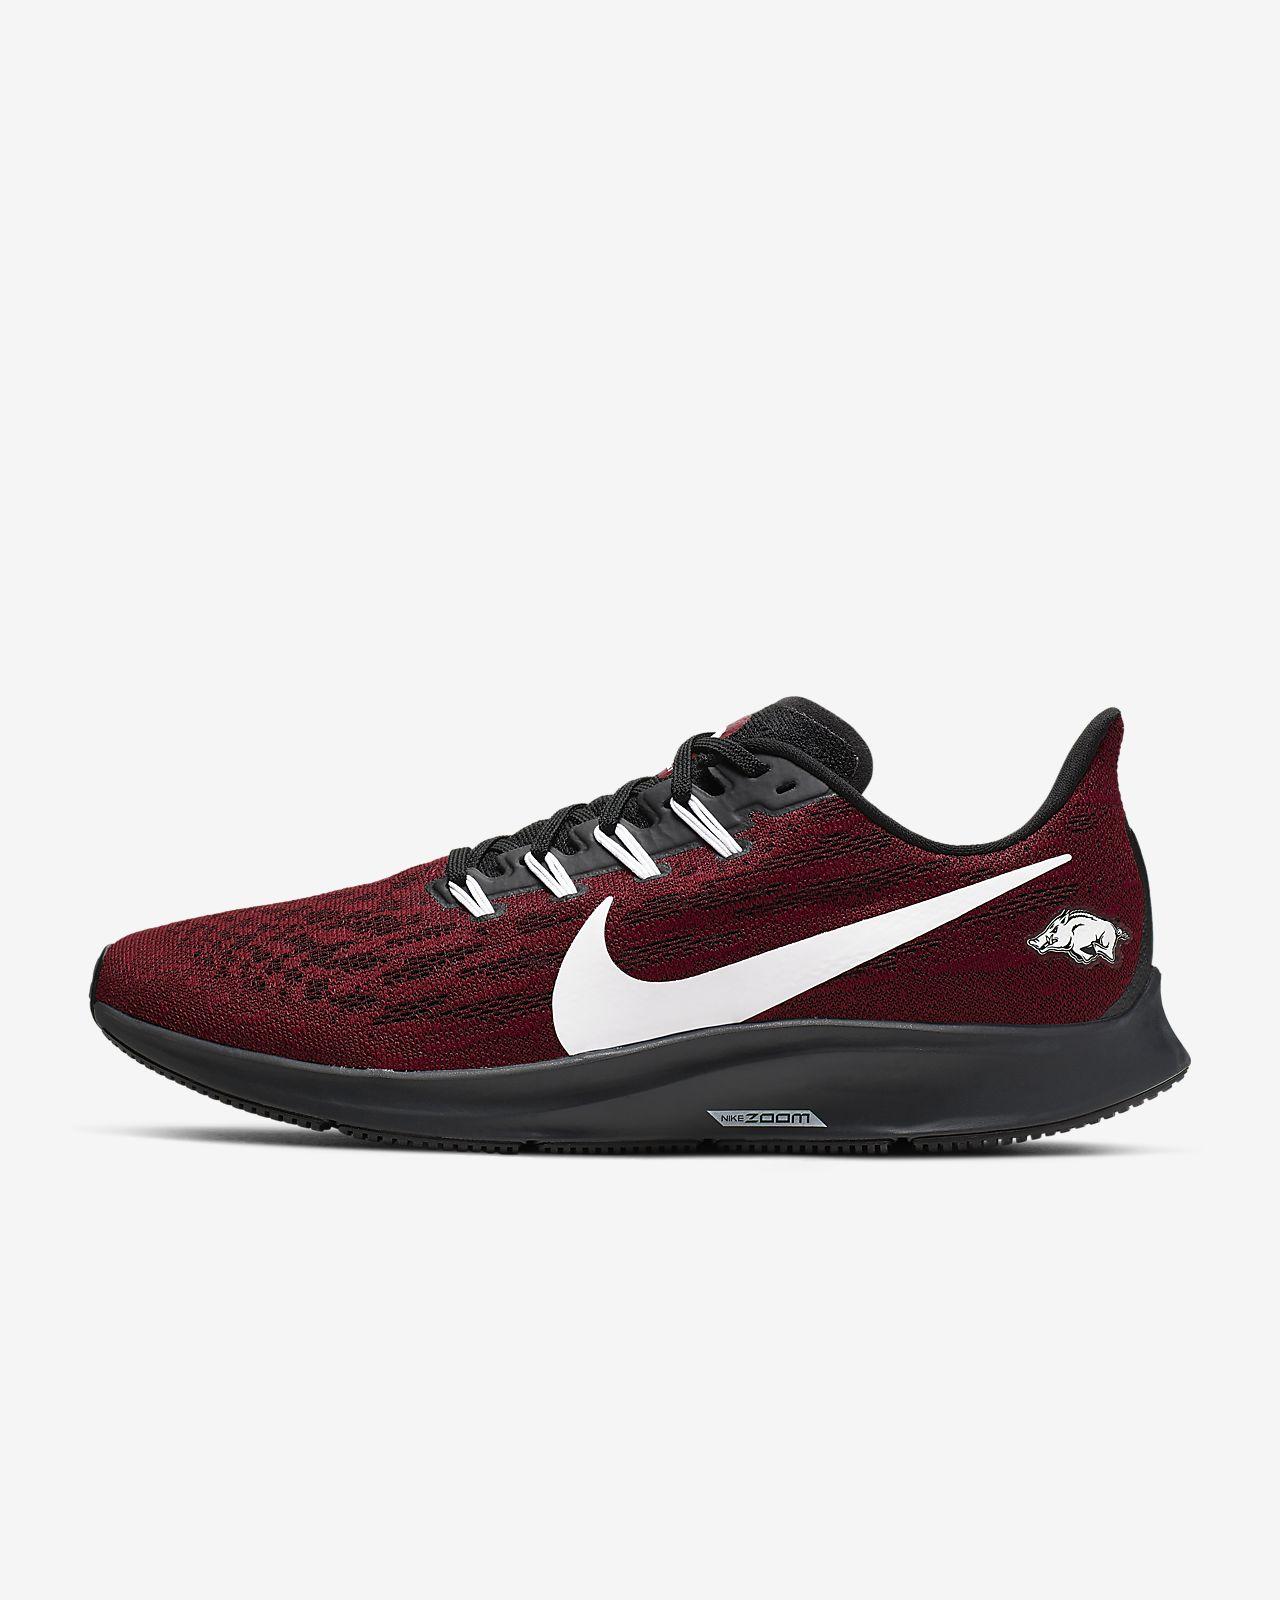 Nike Air Zoom Pegasus 36 (Arkansas) Men's Running Shoe